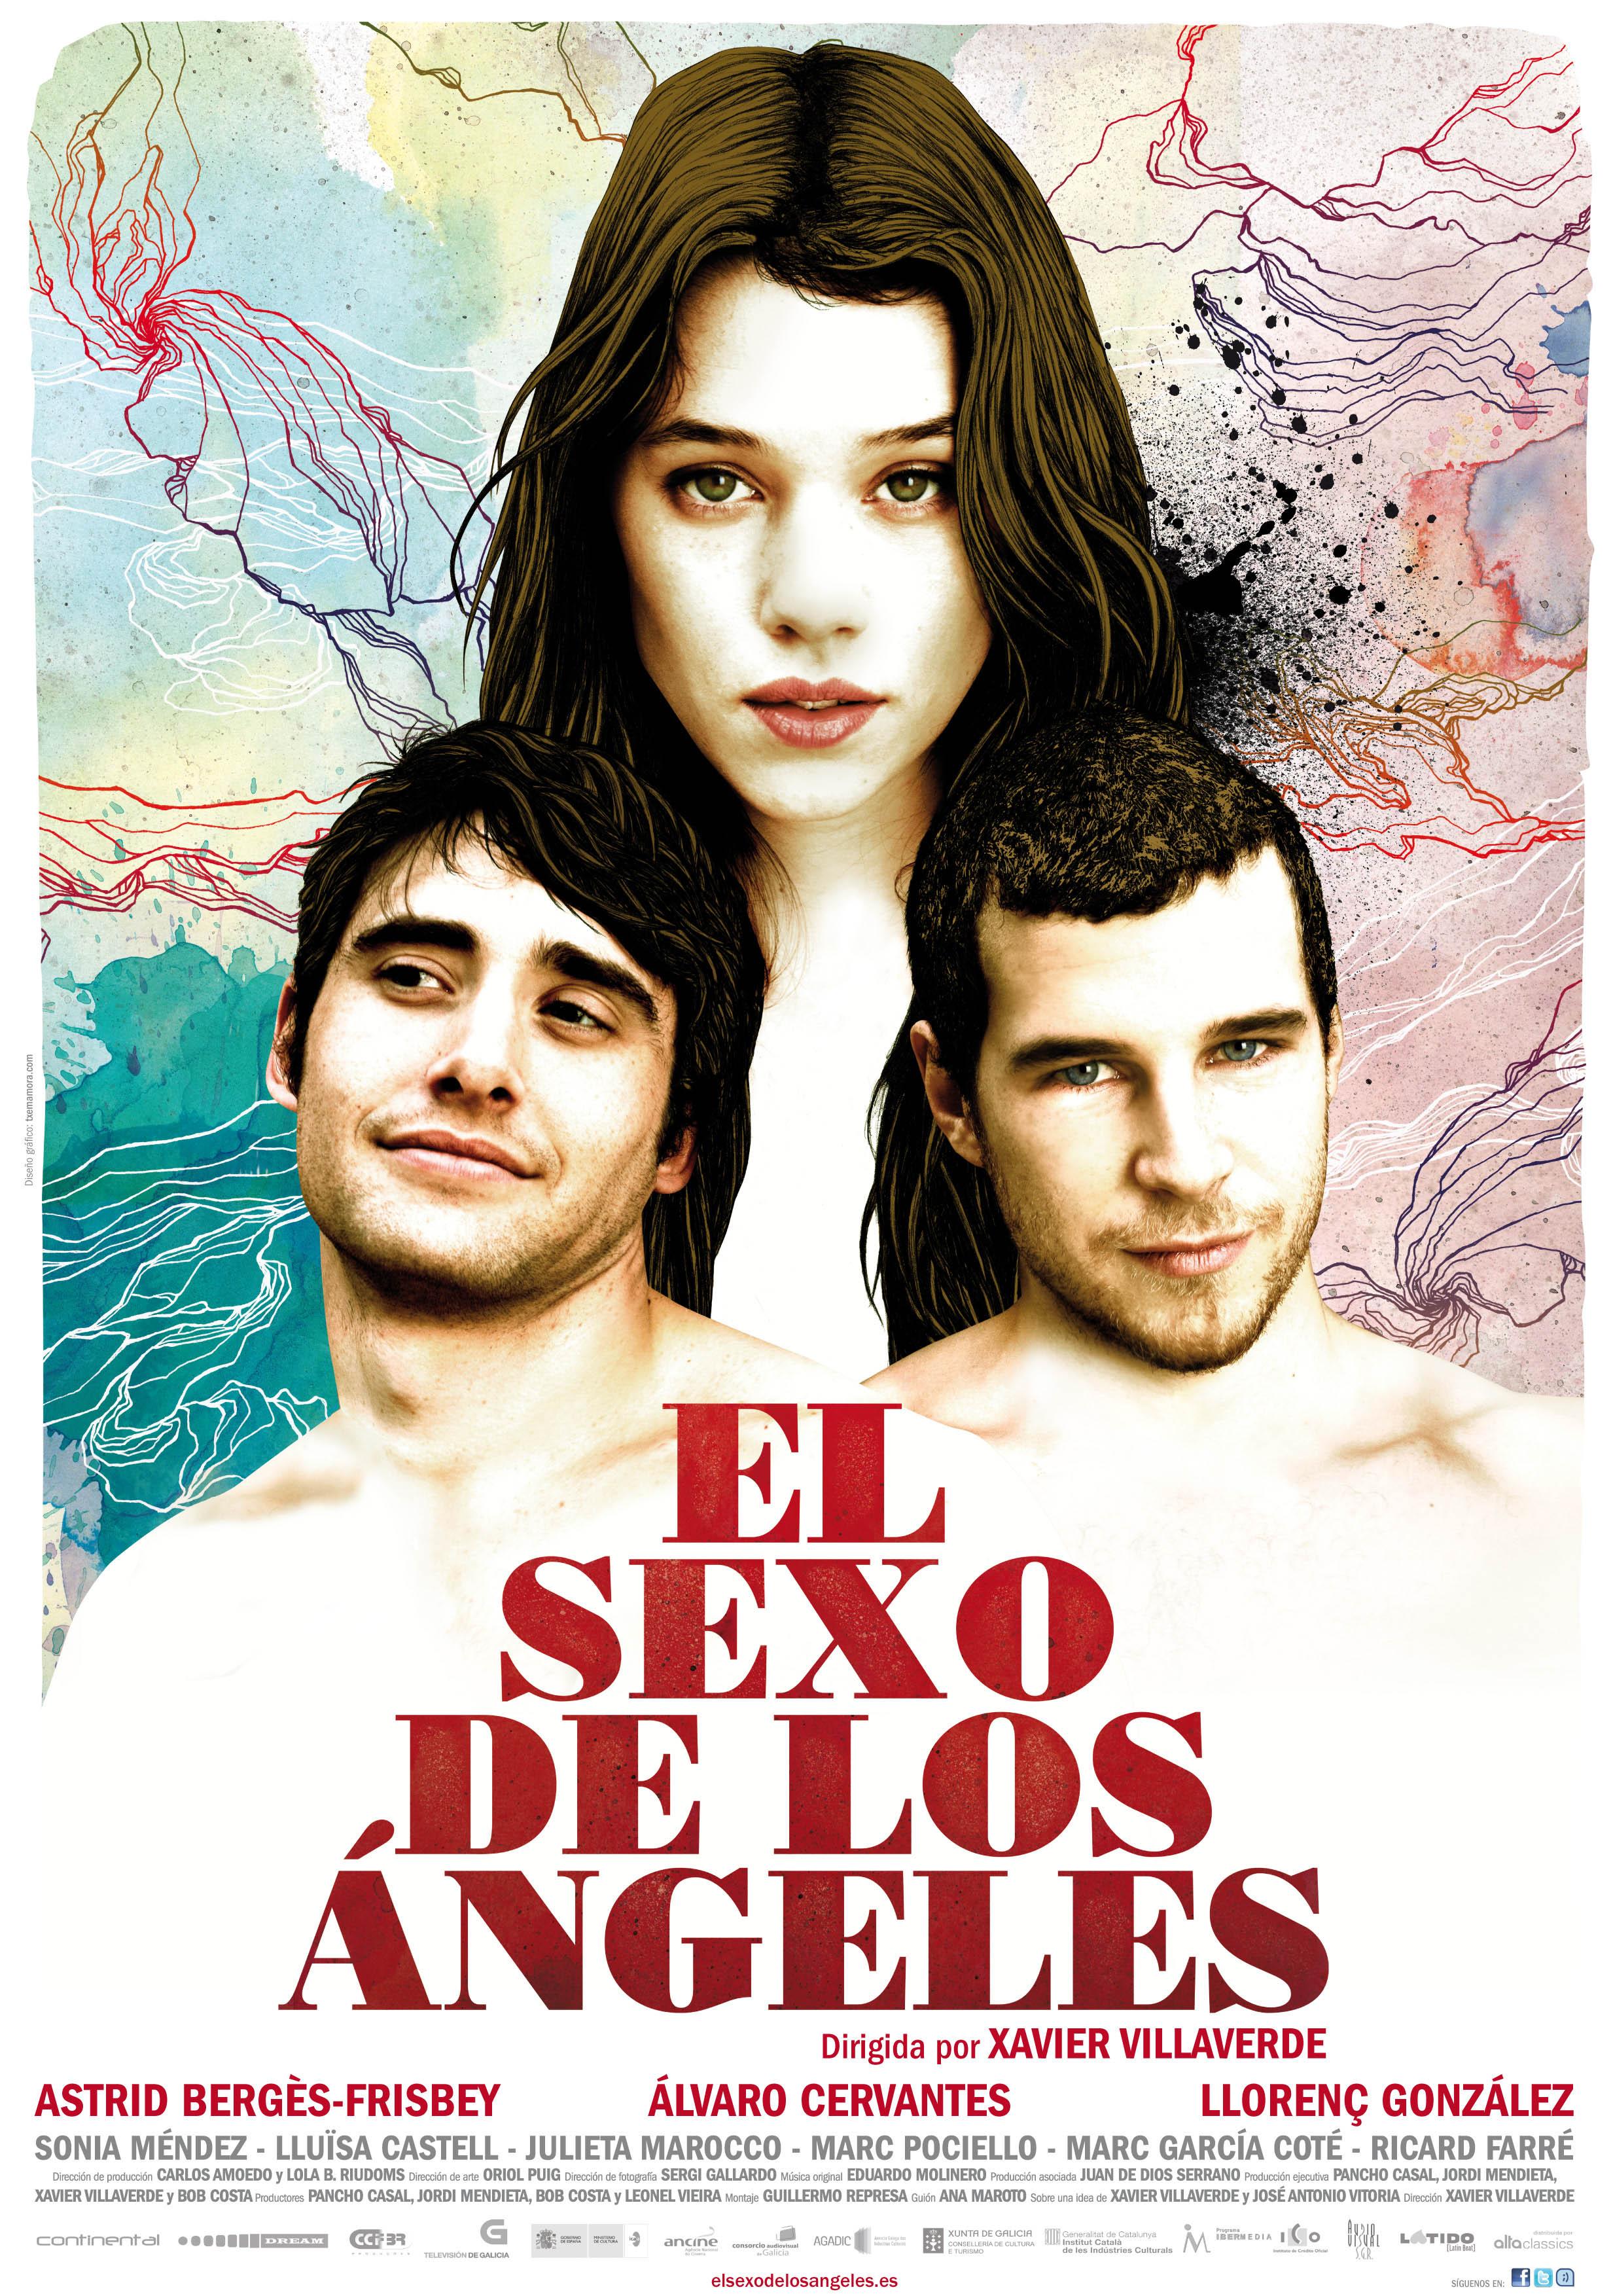 Секс ангелов / El sexo de los angeles 2012 DVDRip.